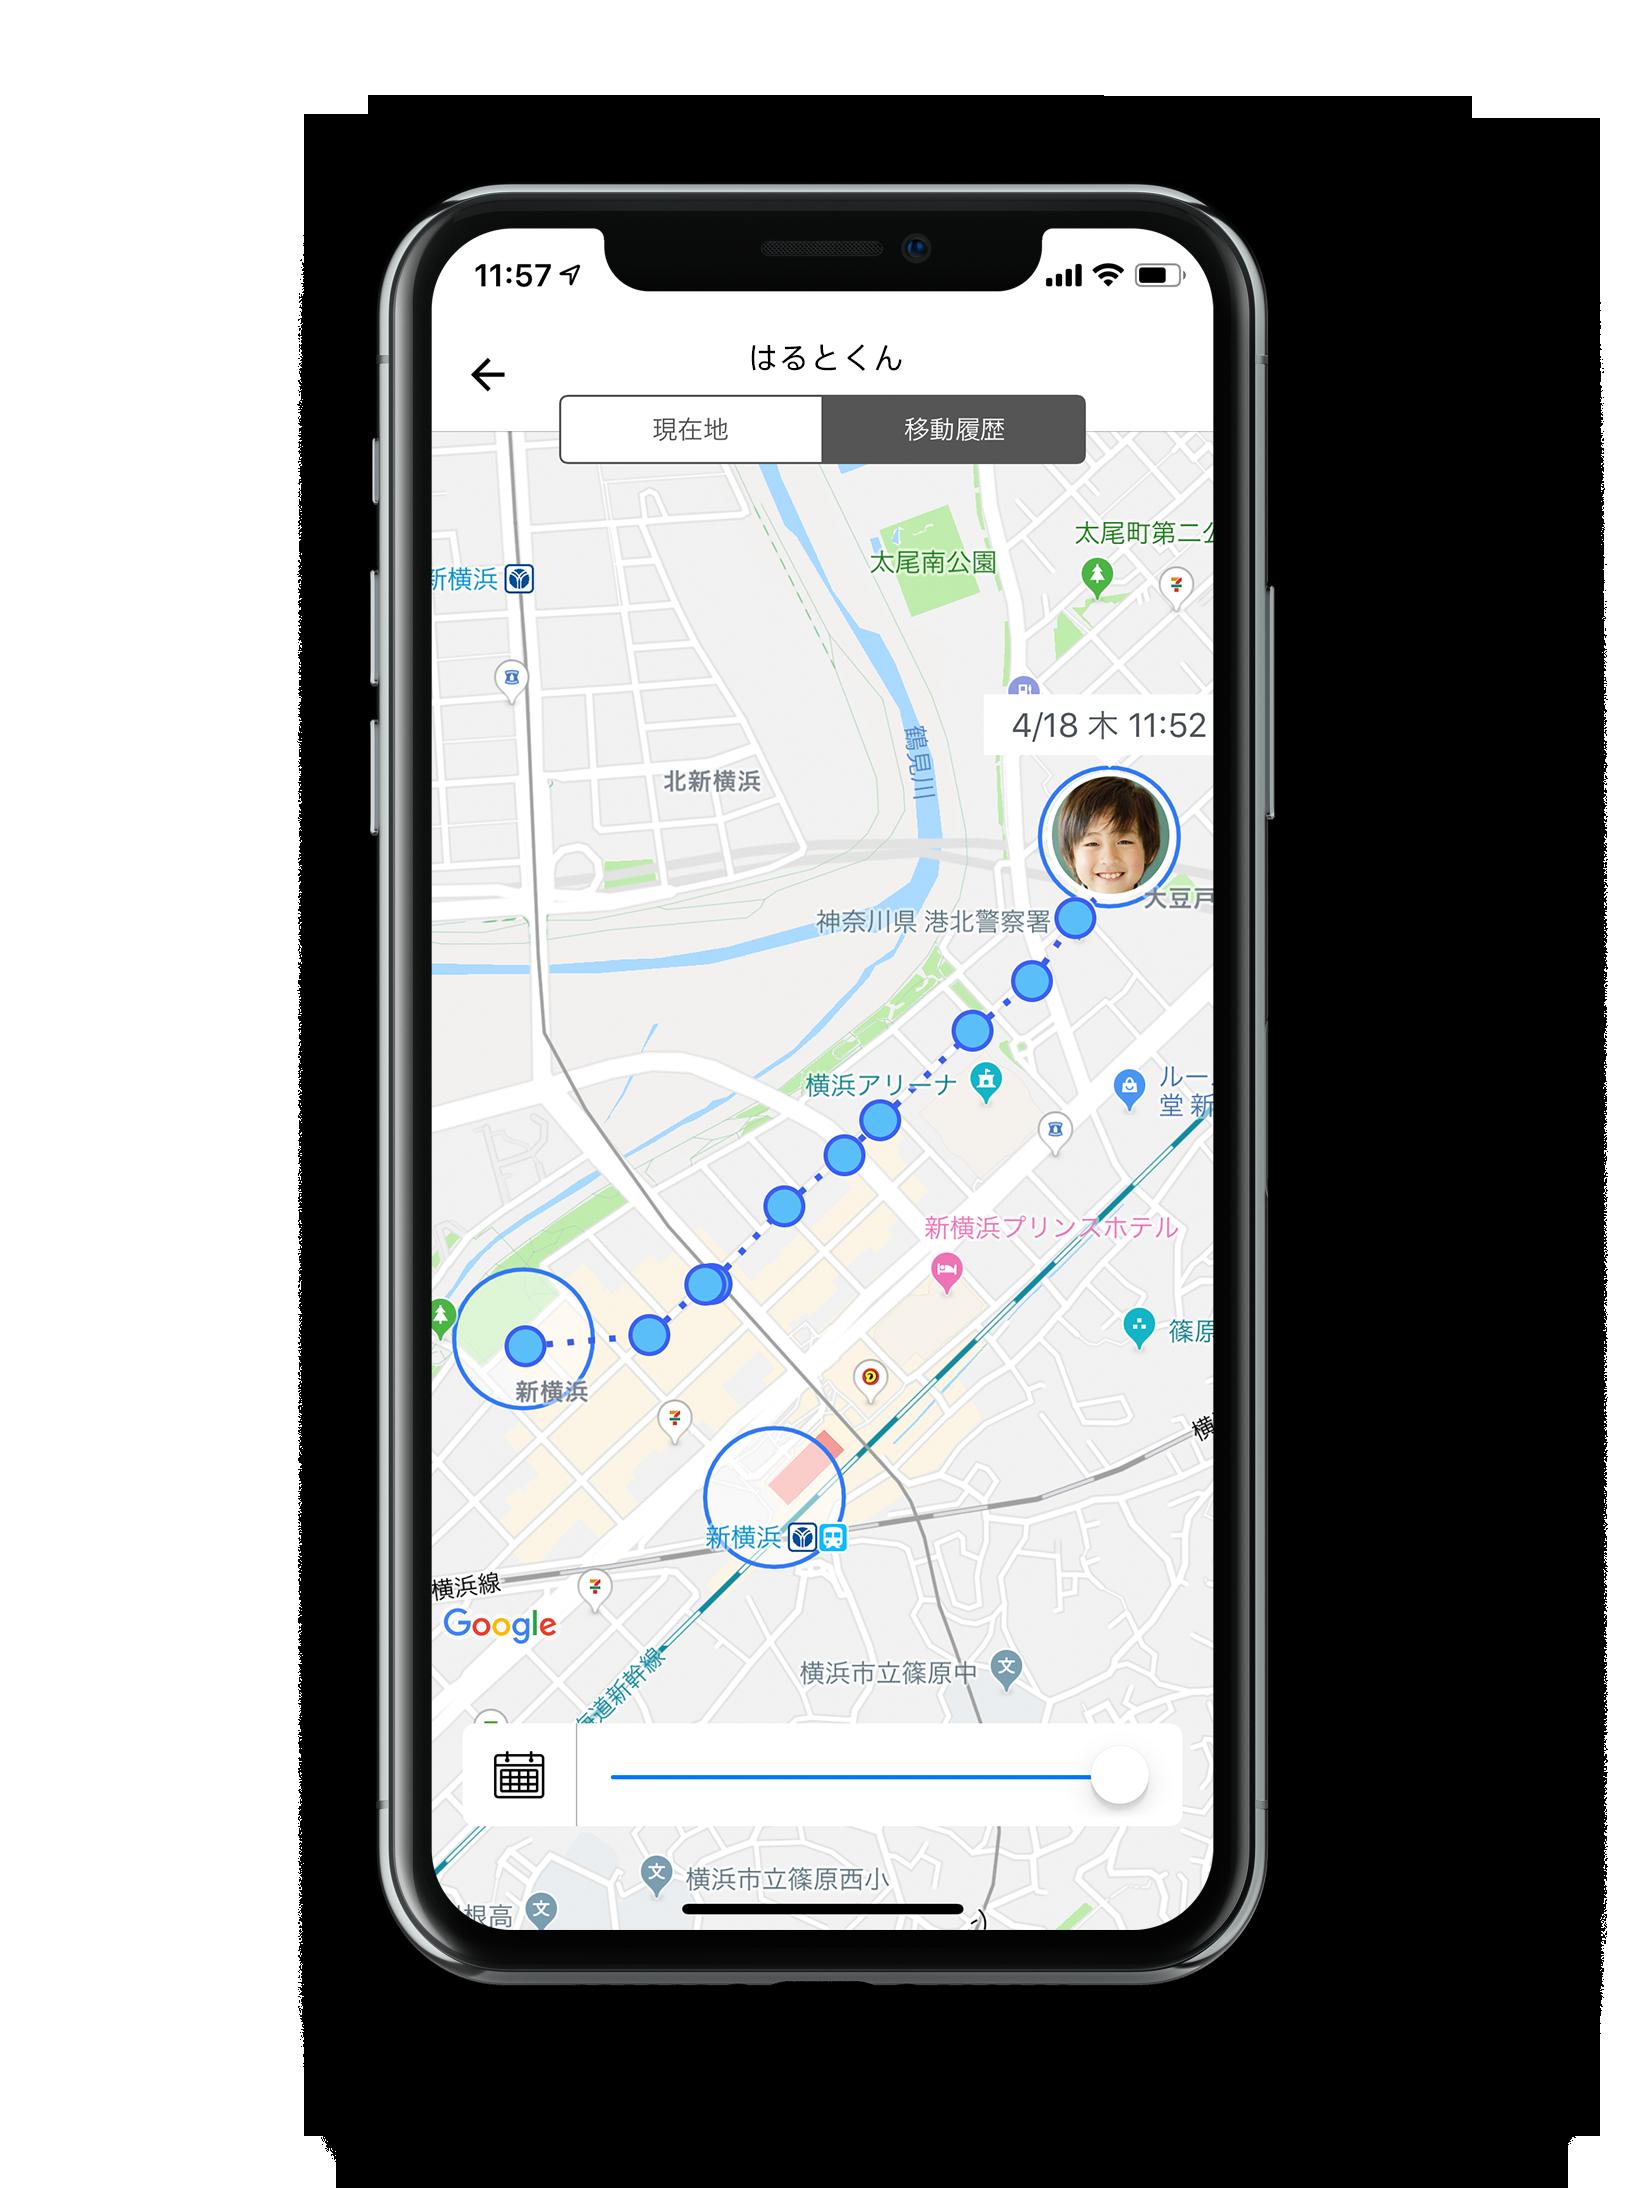 GPS BoT アプリで子供の移動履歴を見守るスマートフォン